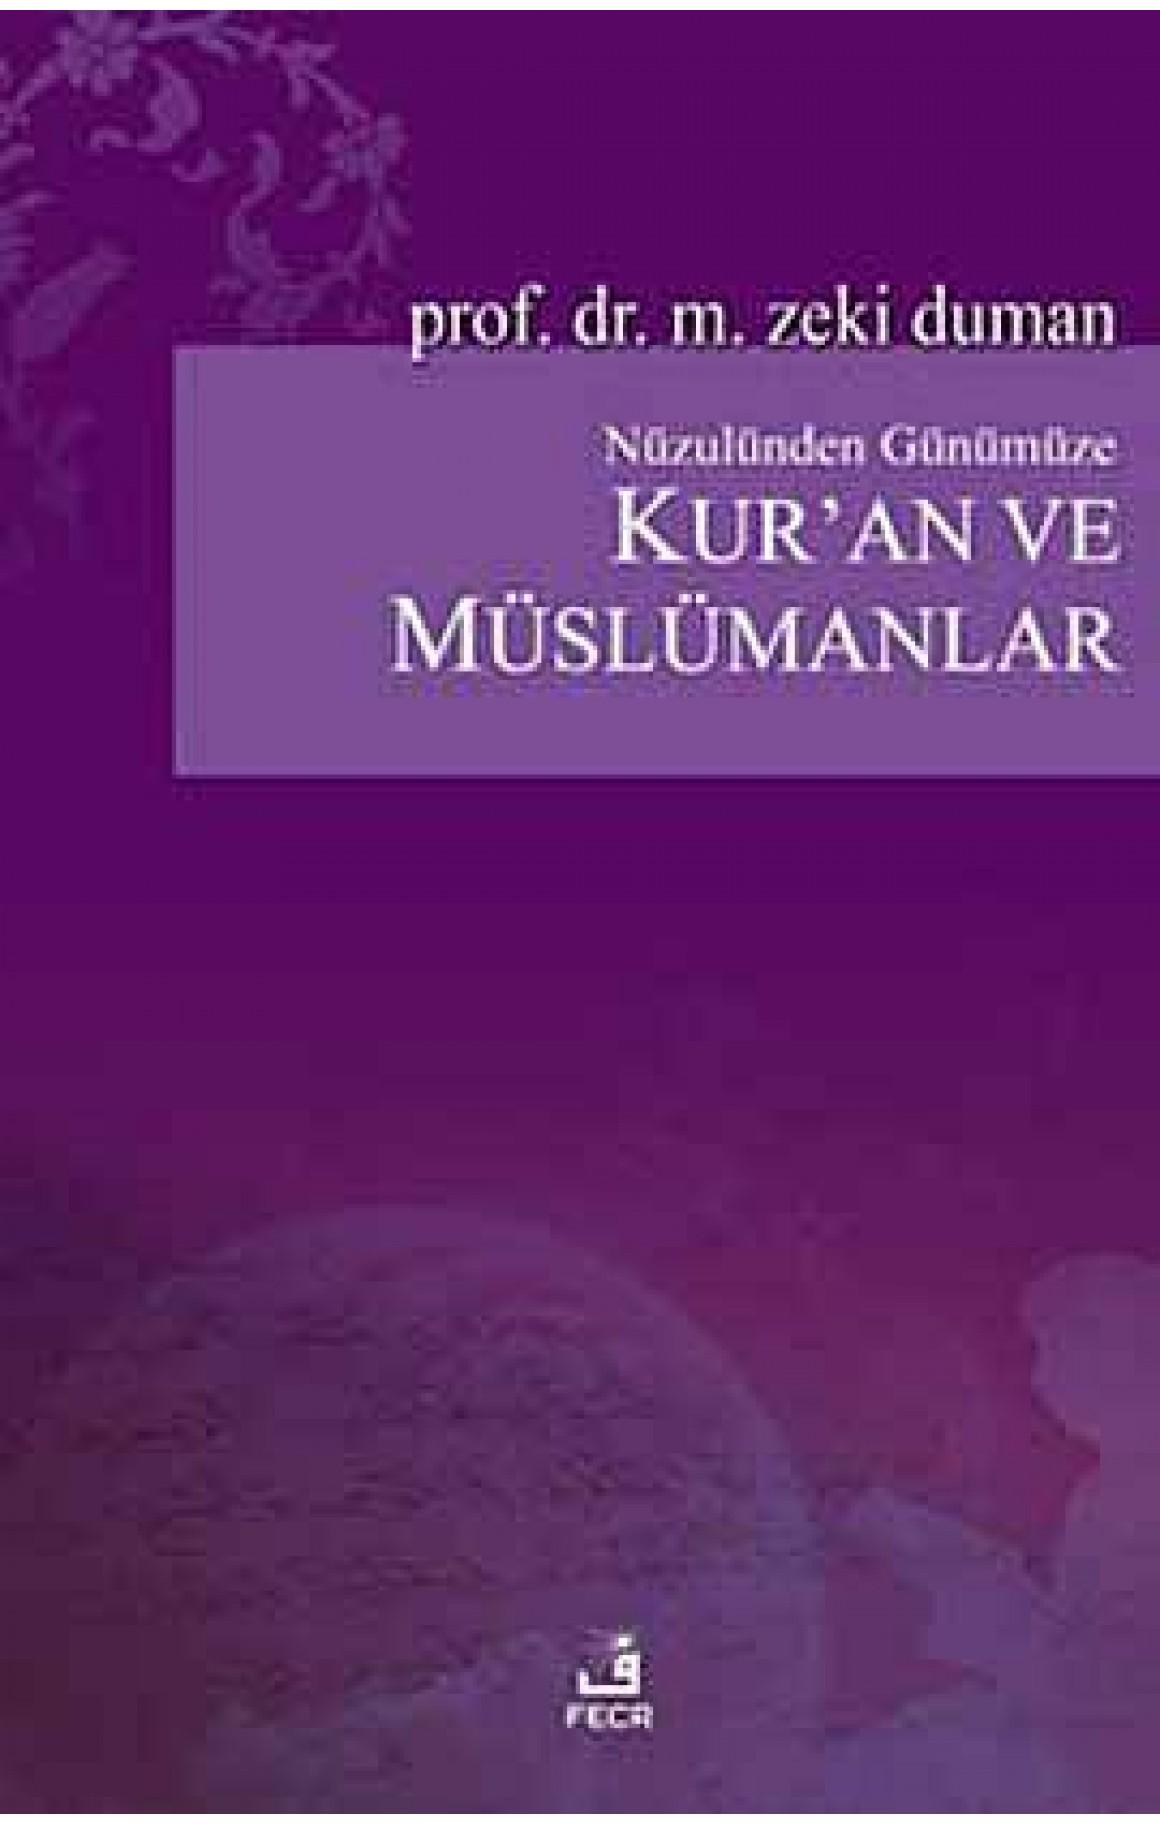 Nüzulünden Günümüze Kur'an ve Müslümanlar